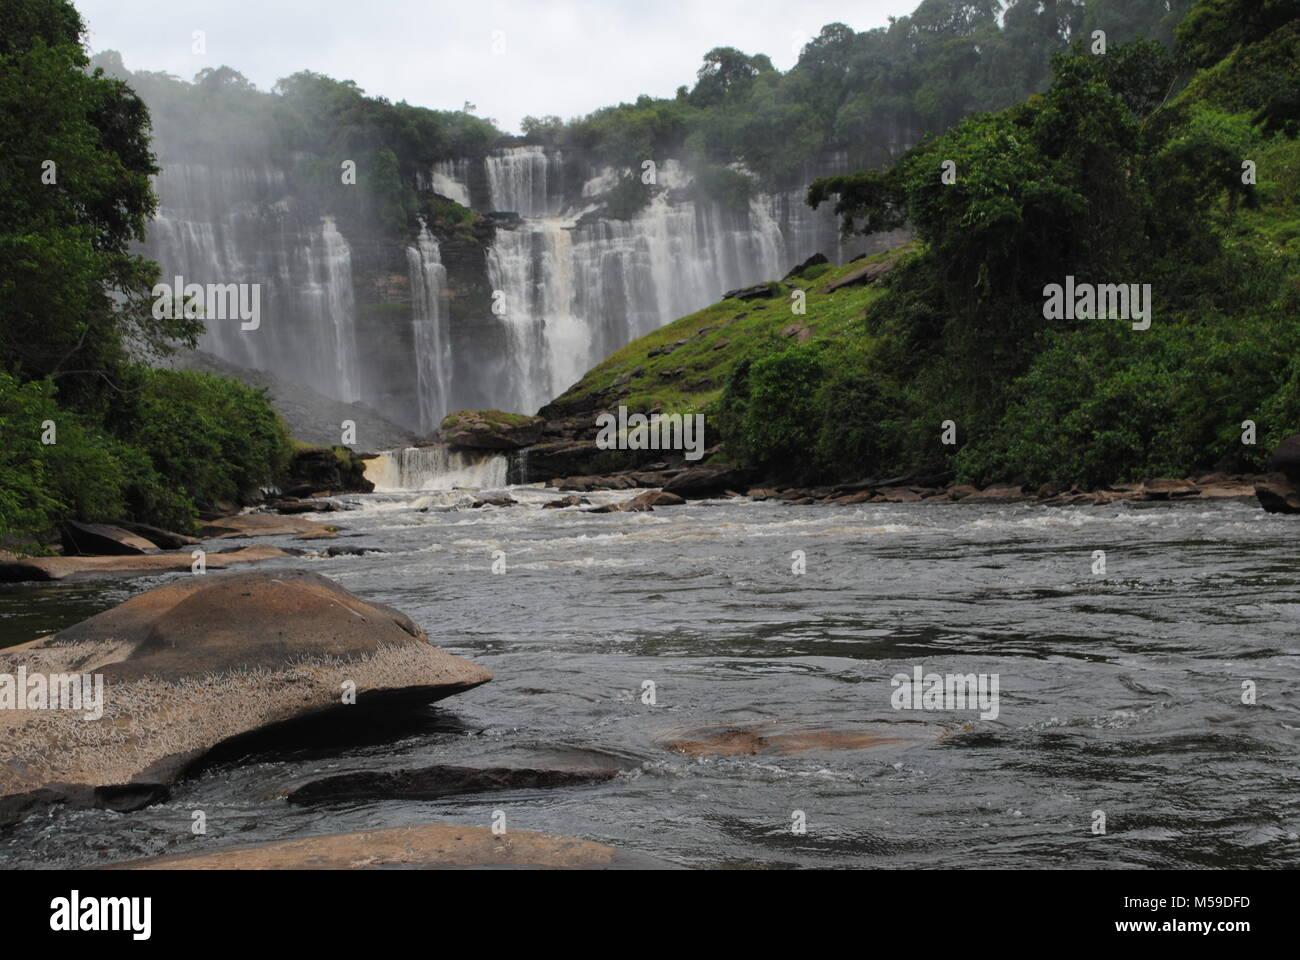 Il Kalandula Falls sono le cascate si trova nel comune di Kalandula, Malanje provincia, Angola. È un bellissimo Immagini Stock